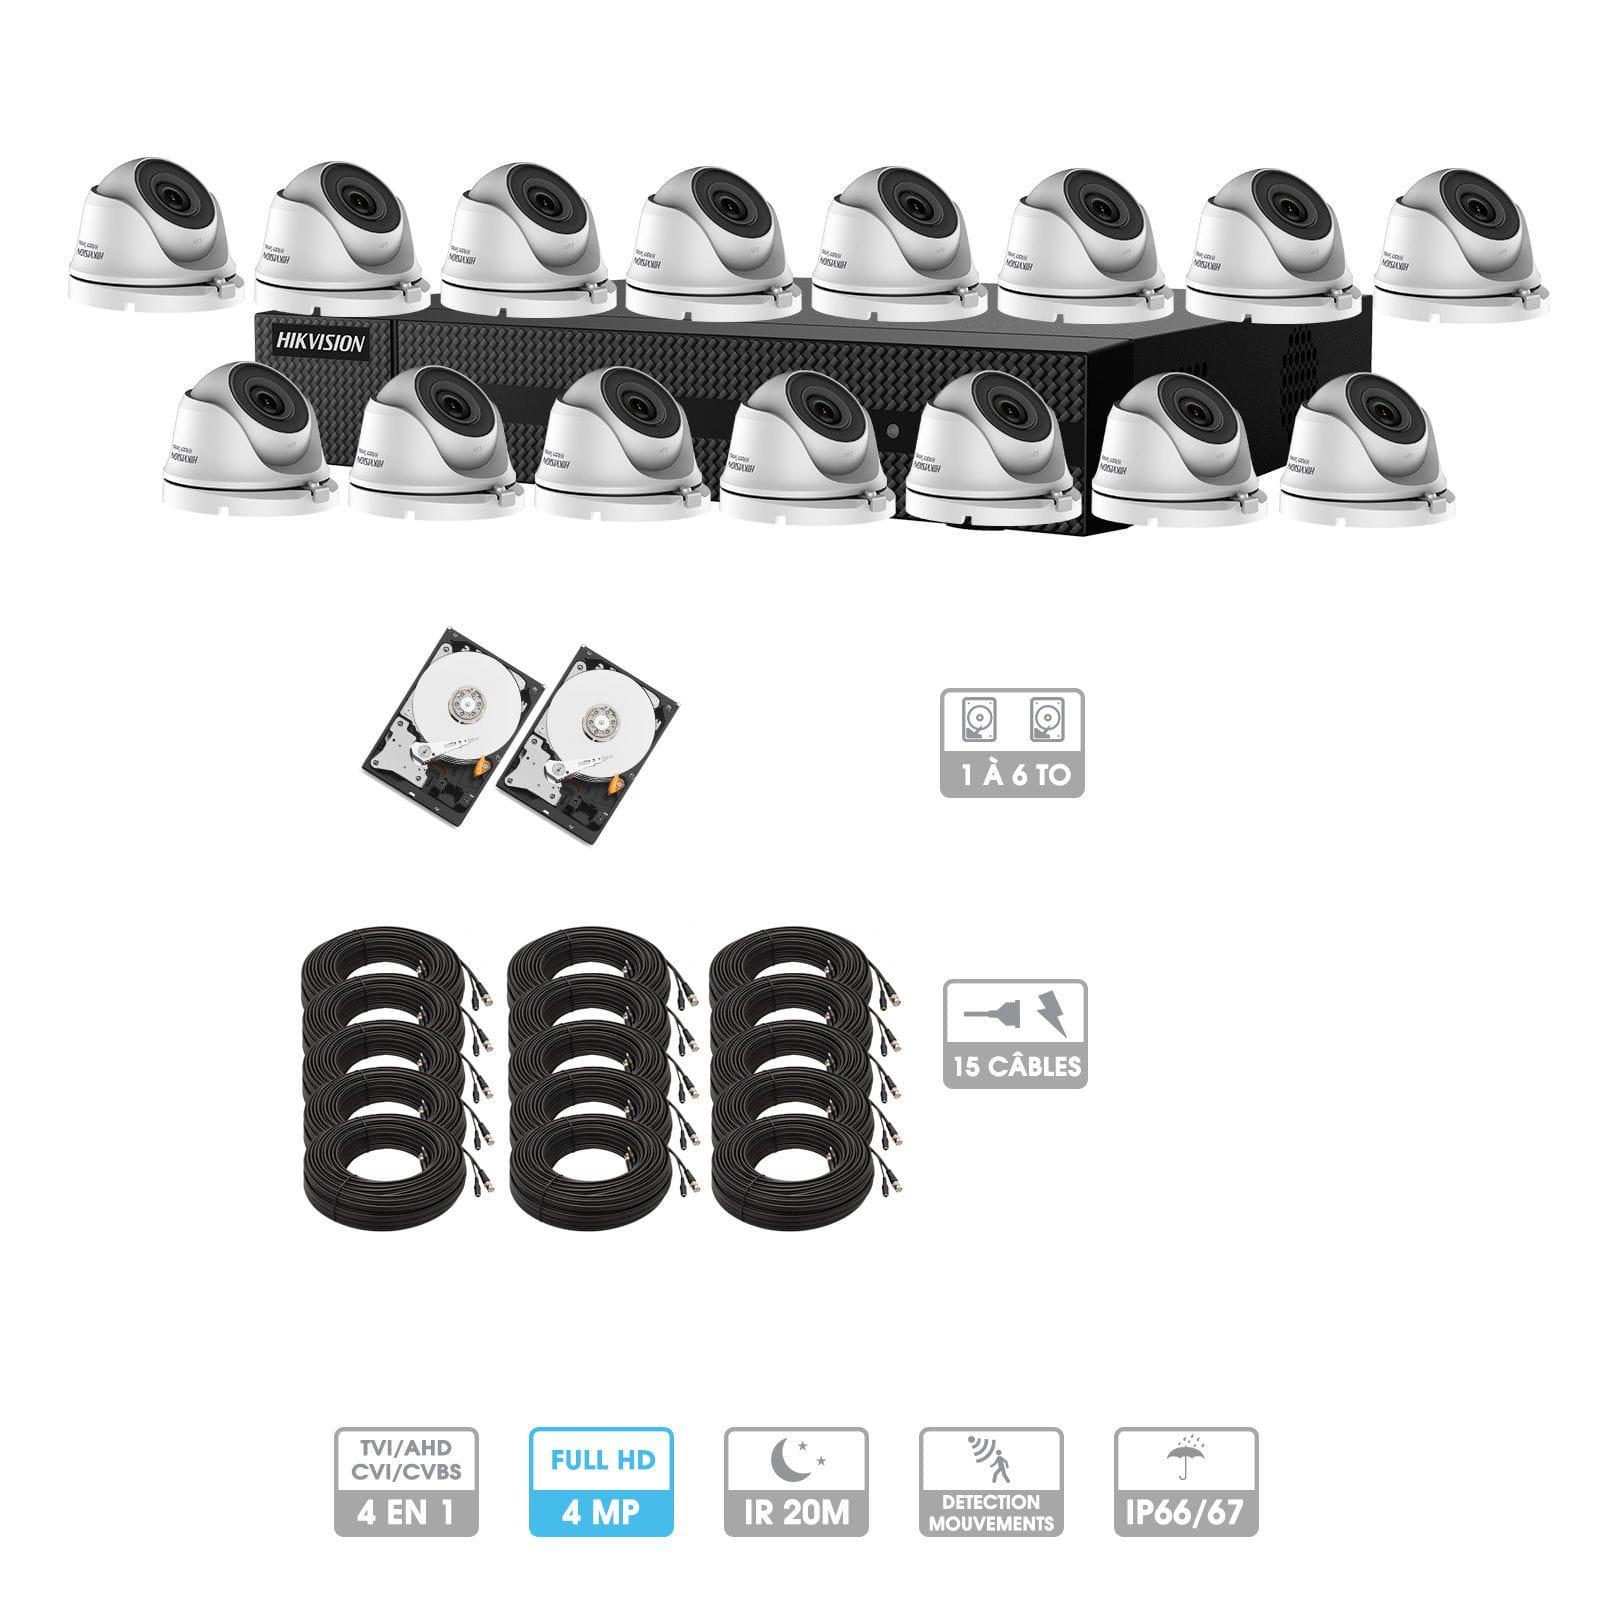 Kit vidéosurveillance 15 caméras | 4MP HD | 15 câbles 20 mètres | 2 HDD 1 à 6 To | Dômes Hiwatch